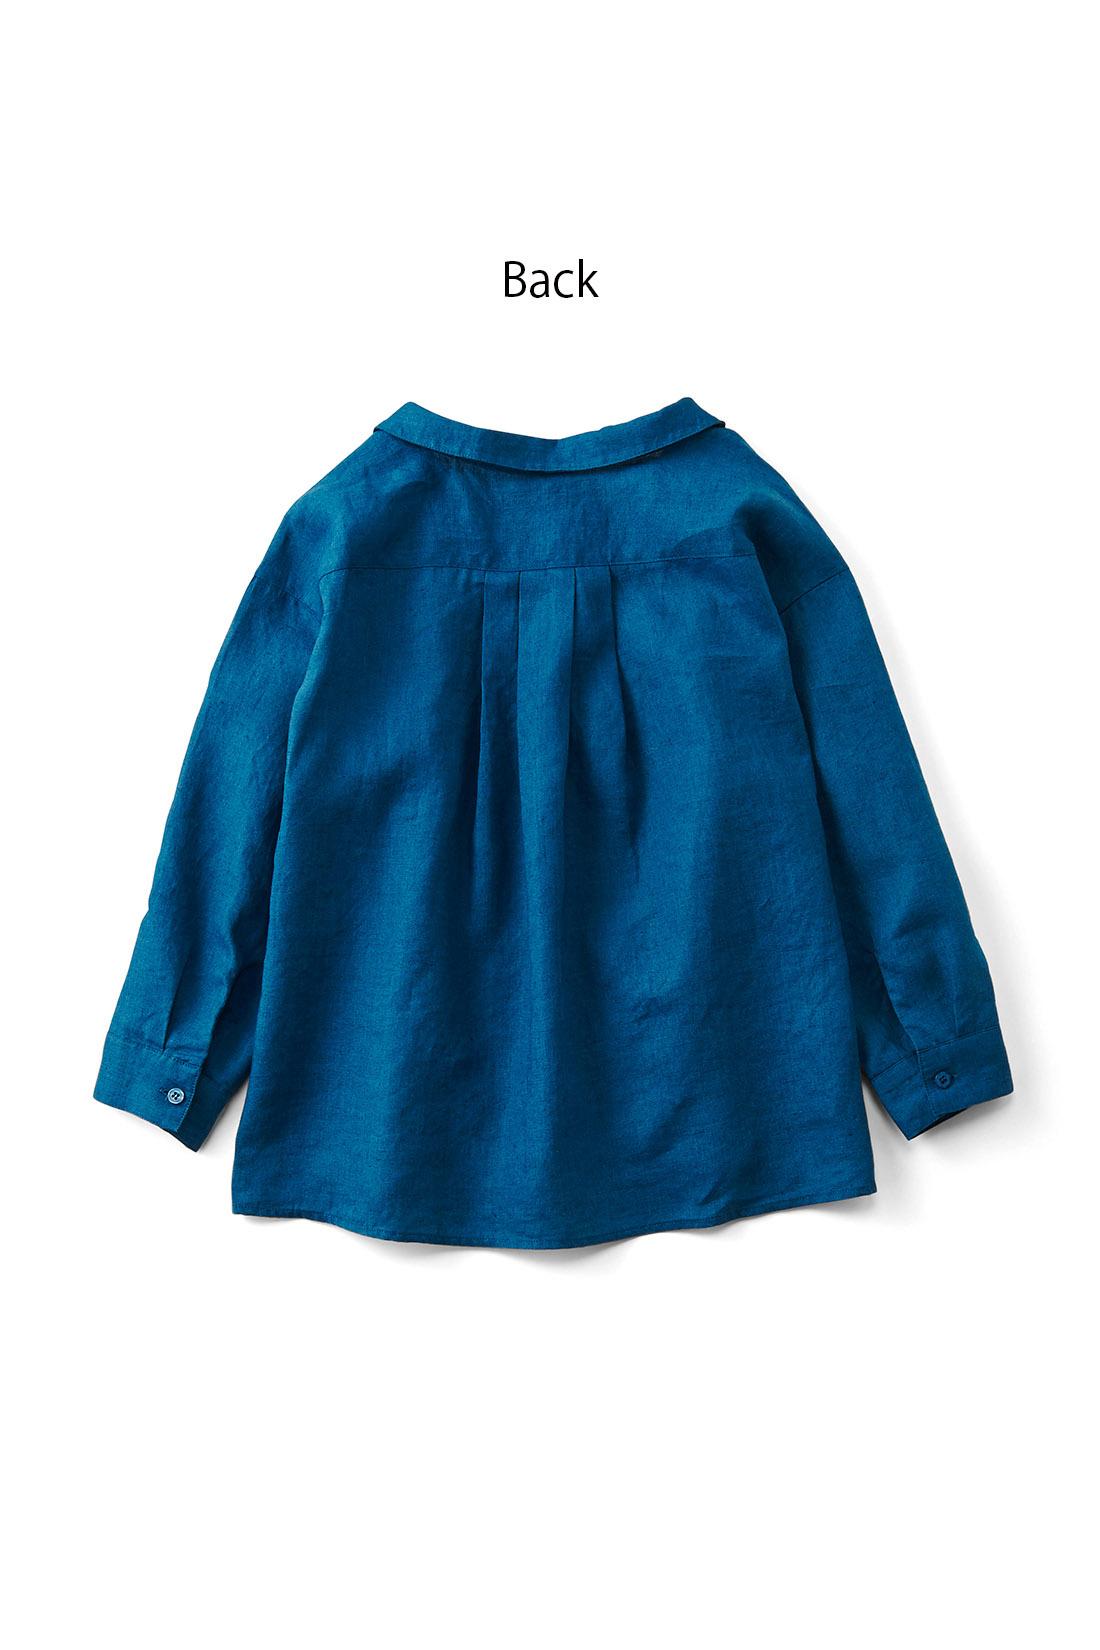 後ろだけ少し長くしてあるからパンツスタイルにも似合うんです。 ※お届けするカラーとは異なります。